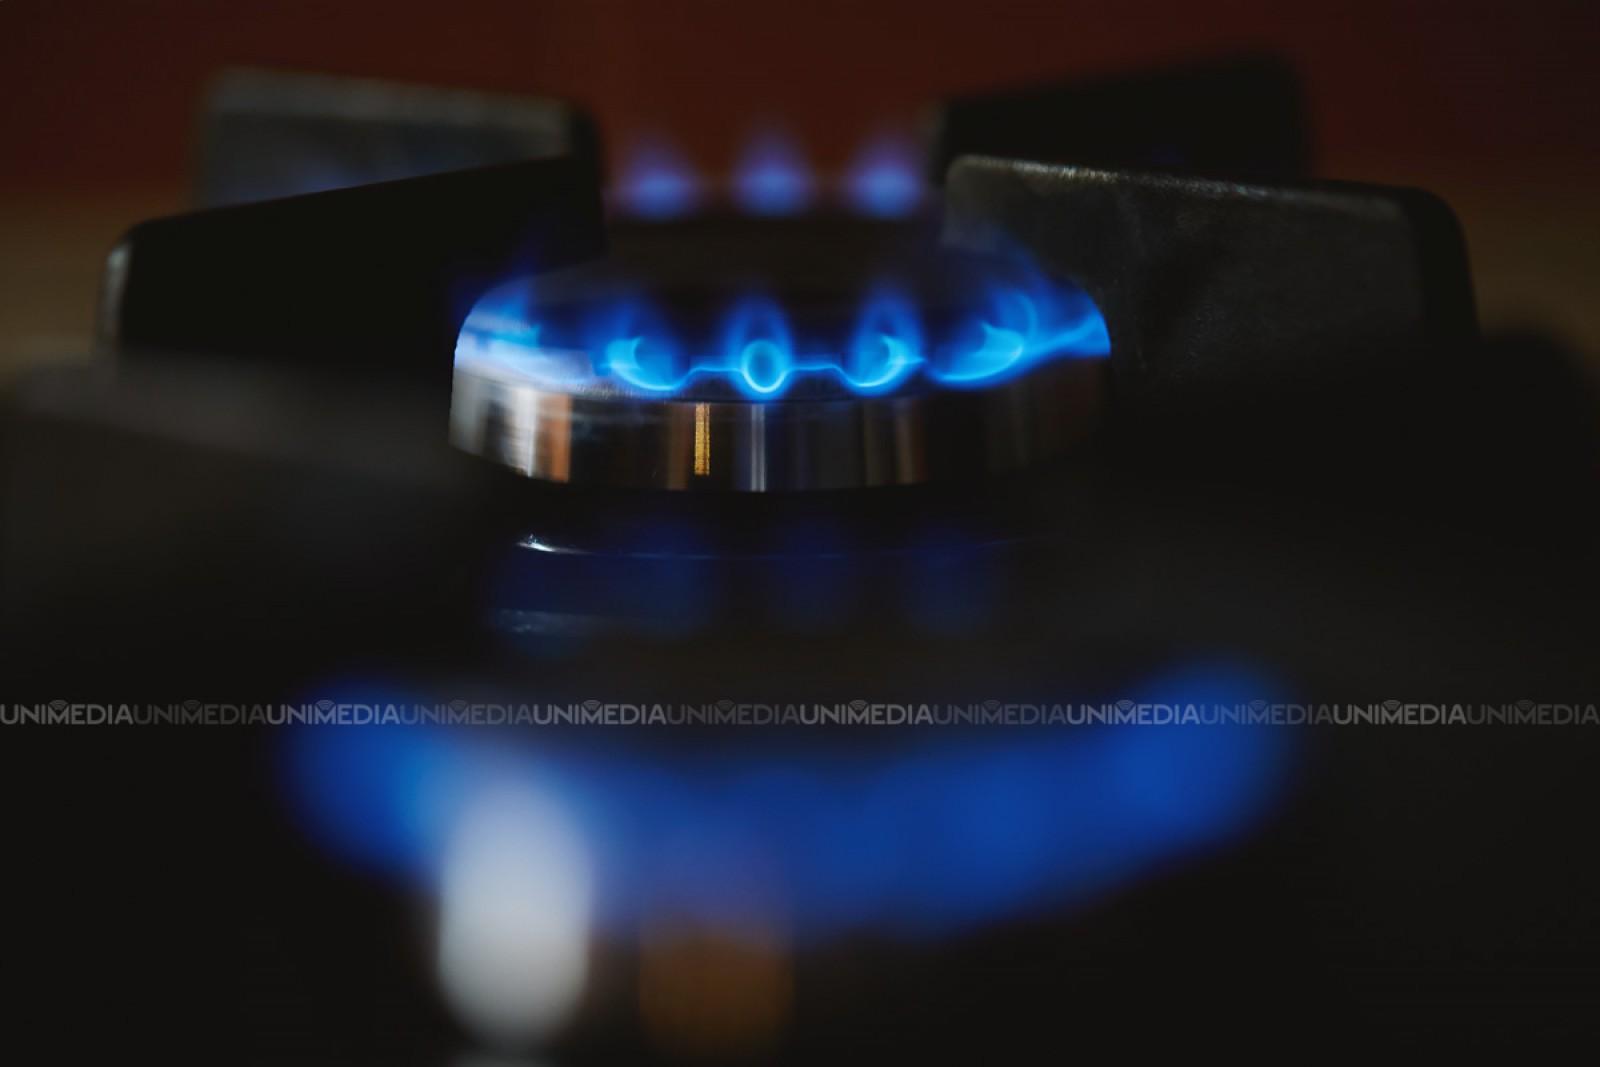 Traderii europeni vor pierde 1 miliard de dolari după revenirea gazului rusesc pe piaţa din Ucraina